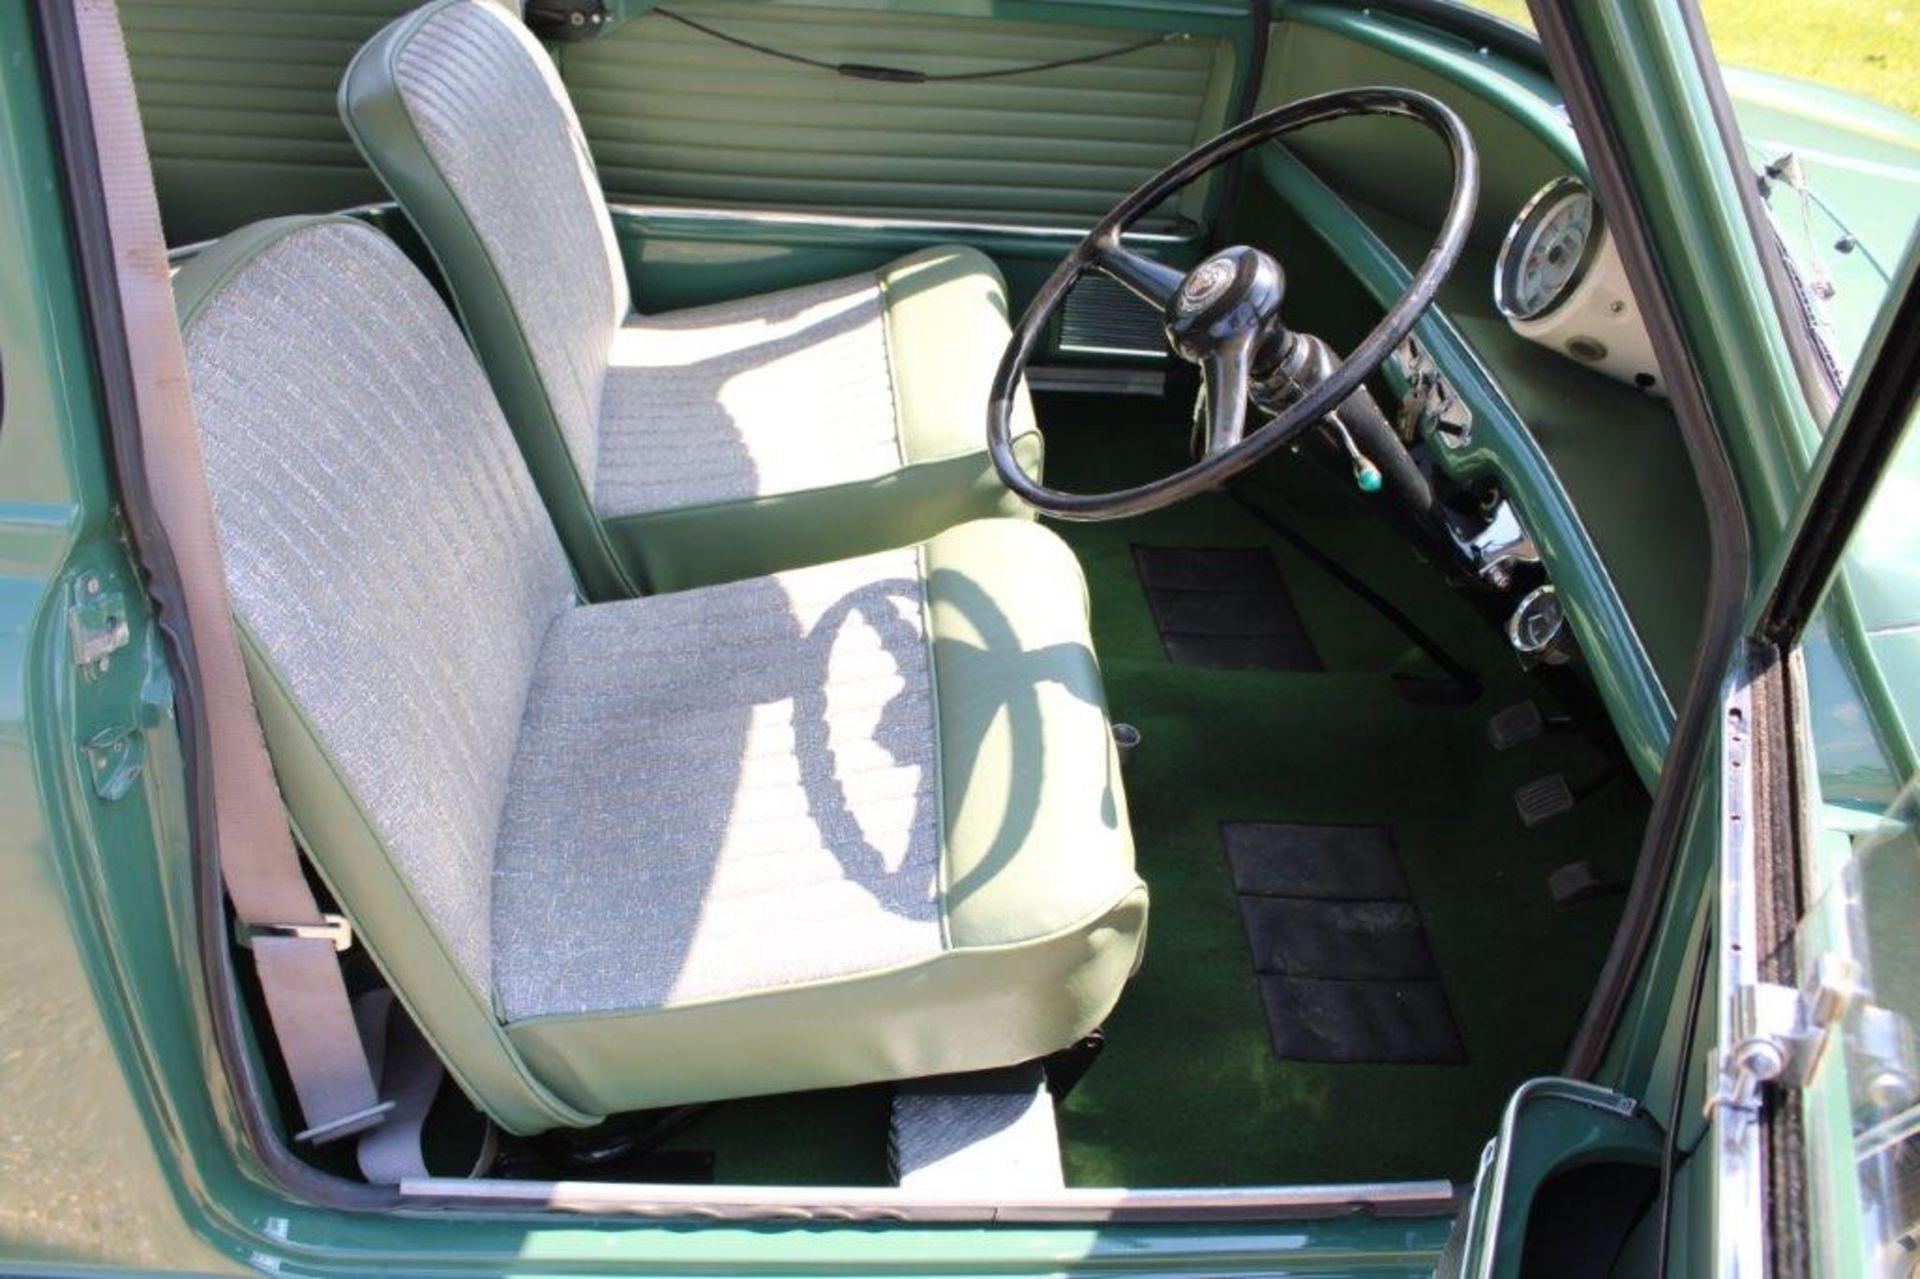 1962 Austin Mini 850 MK I - Image 18 of 28